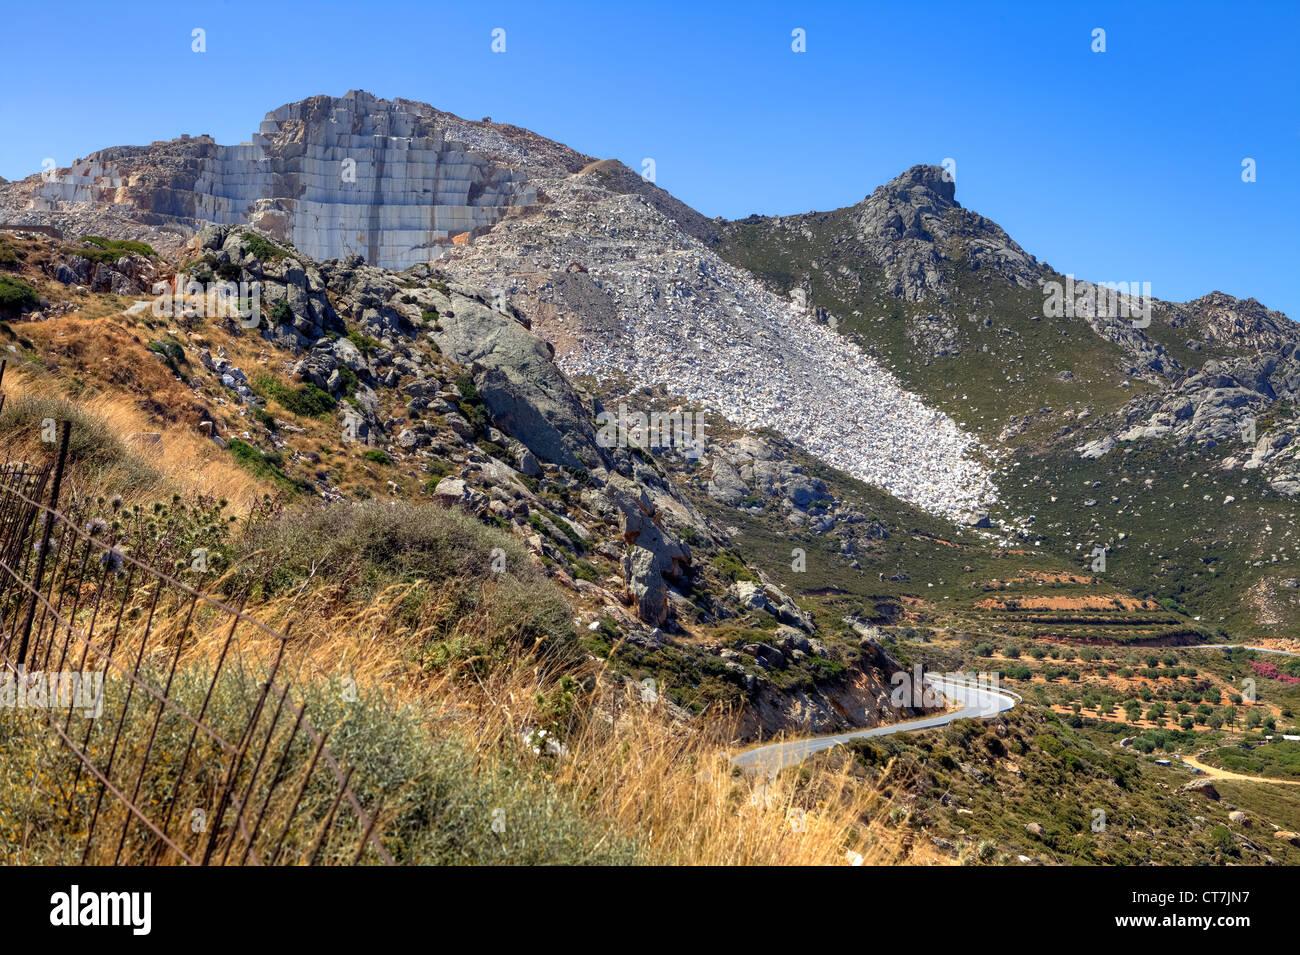 Naxos est célèbre pour son marbre - Carrière de marbre de Naxos, Naxos, Grèce, Flerio Photo Stock